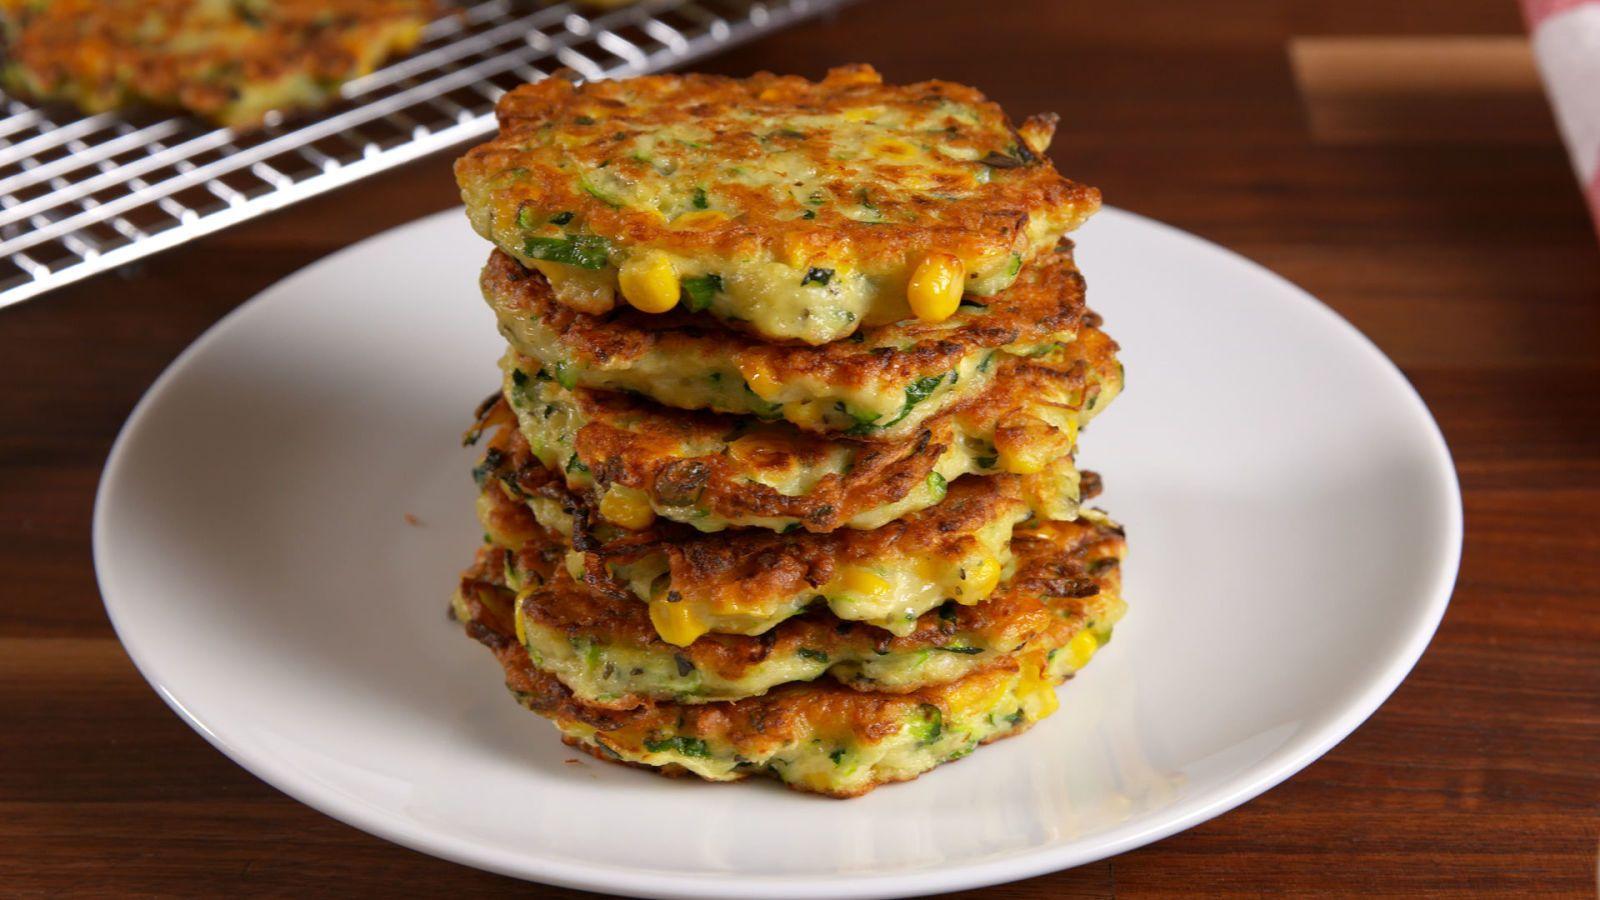 Zucchini Corn Cakes  - Delish.com